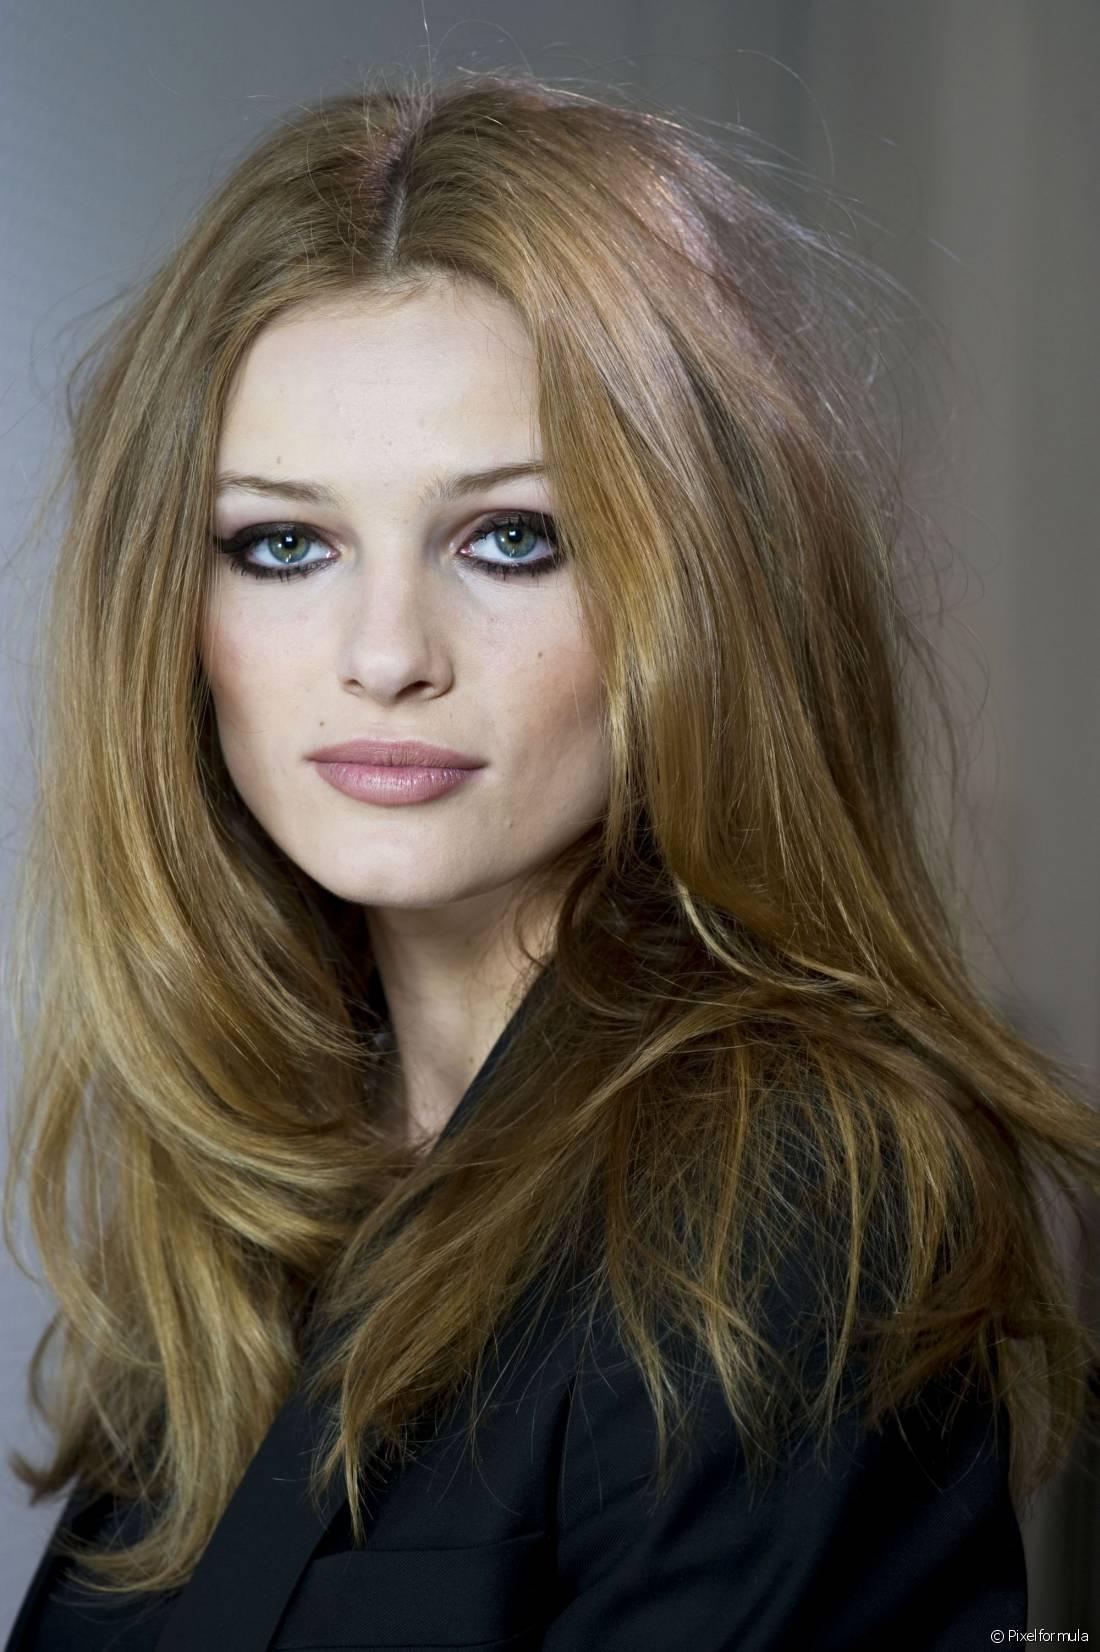 O famoso corte em camadas que as mulheres adoram é, basicamente, qualquer estilo de cabelo com comprimentos variados, o que significa que o efeito pode ser feito em quem tem fios curtos, médios ou longos